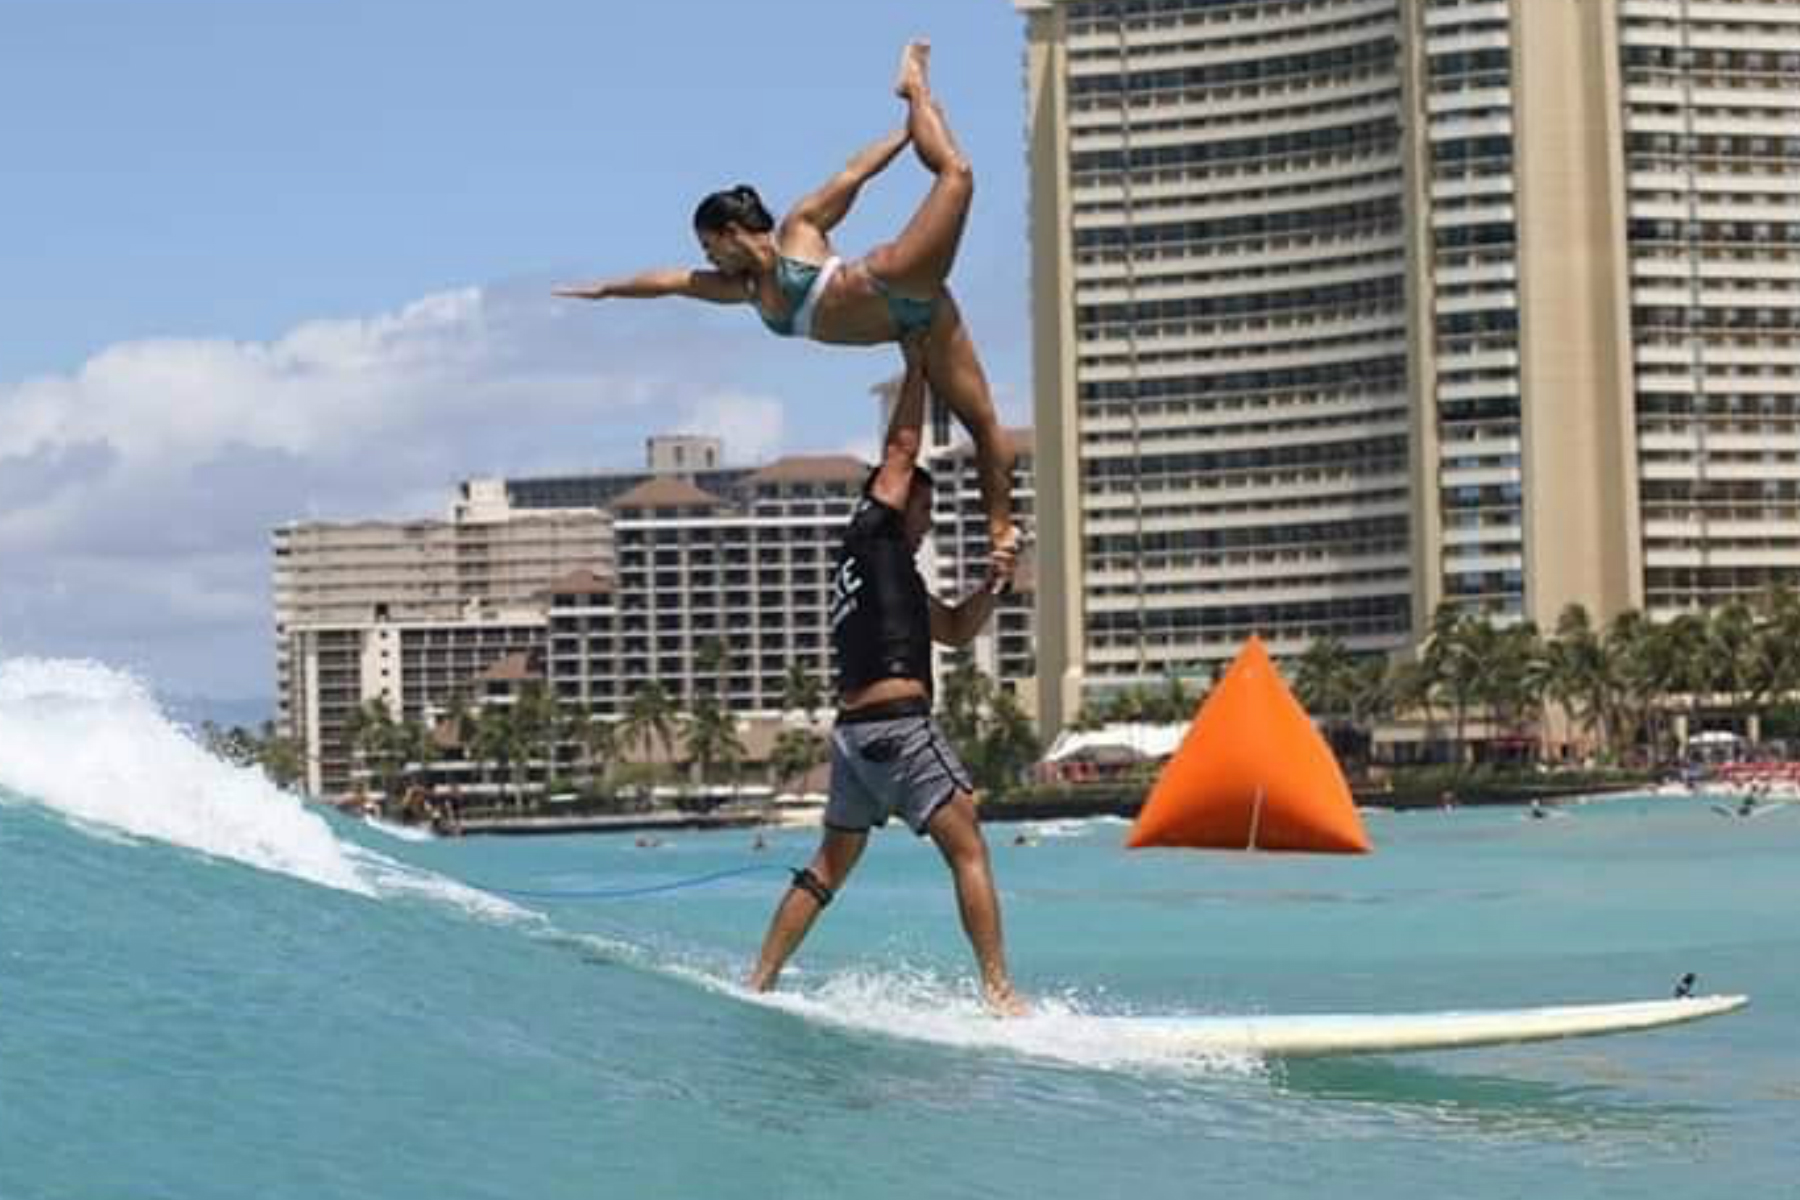 Portada: Surf Tandem Perú en Waikiki - Hawaii